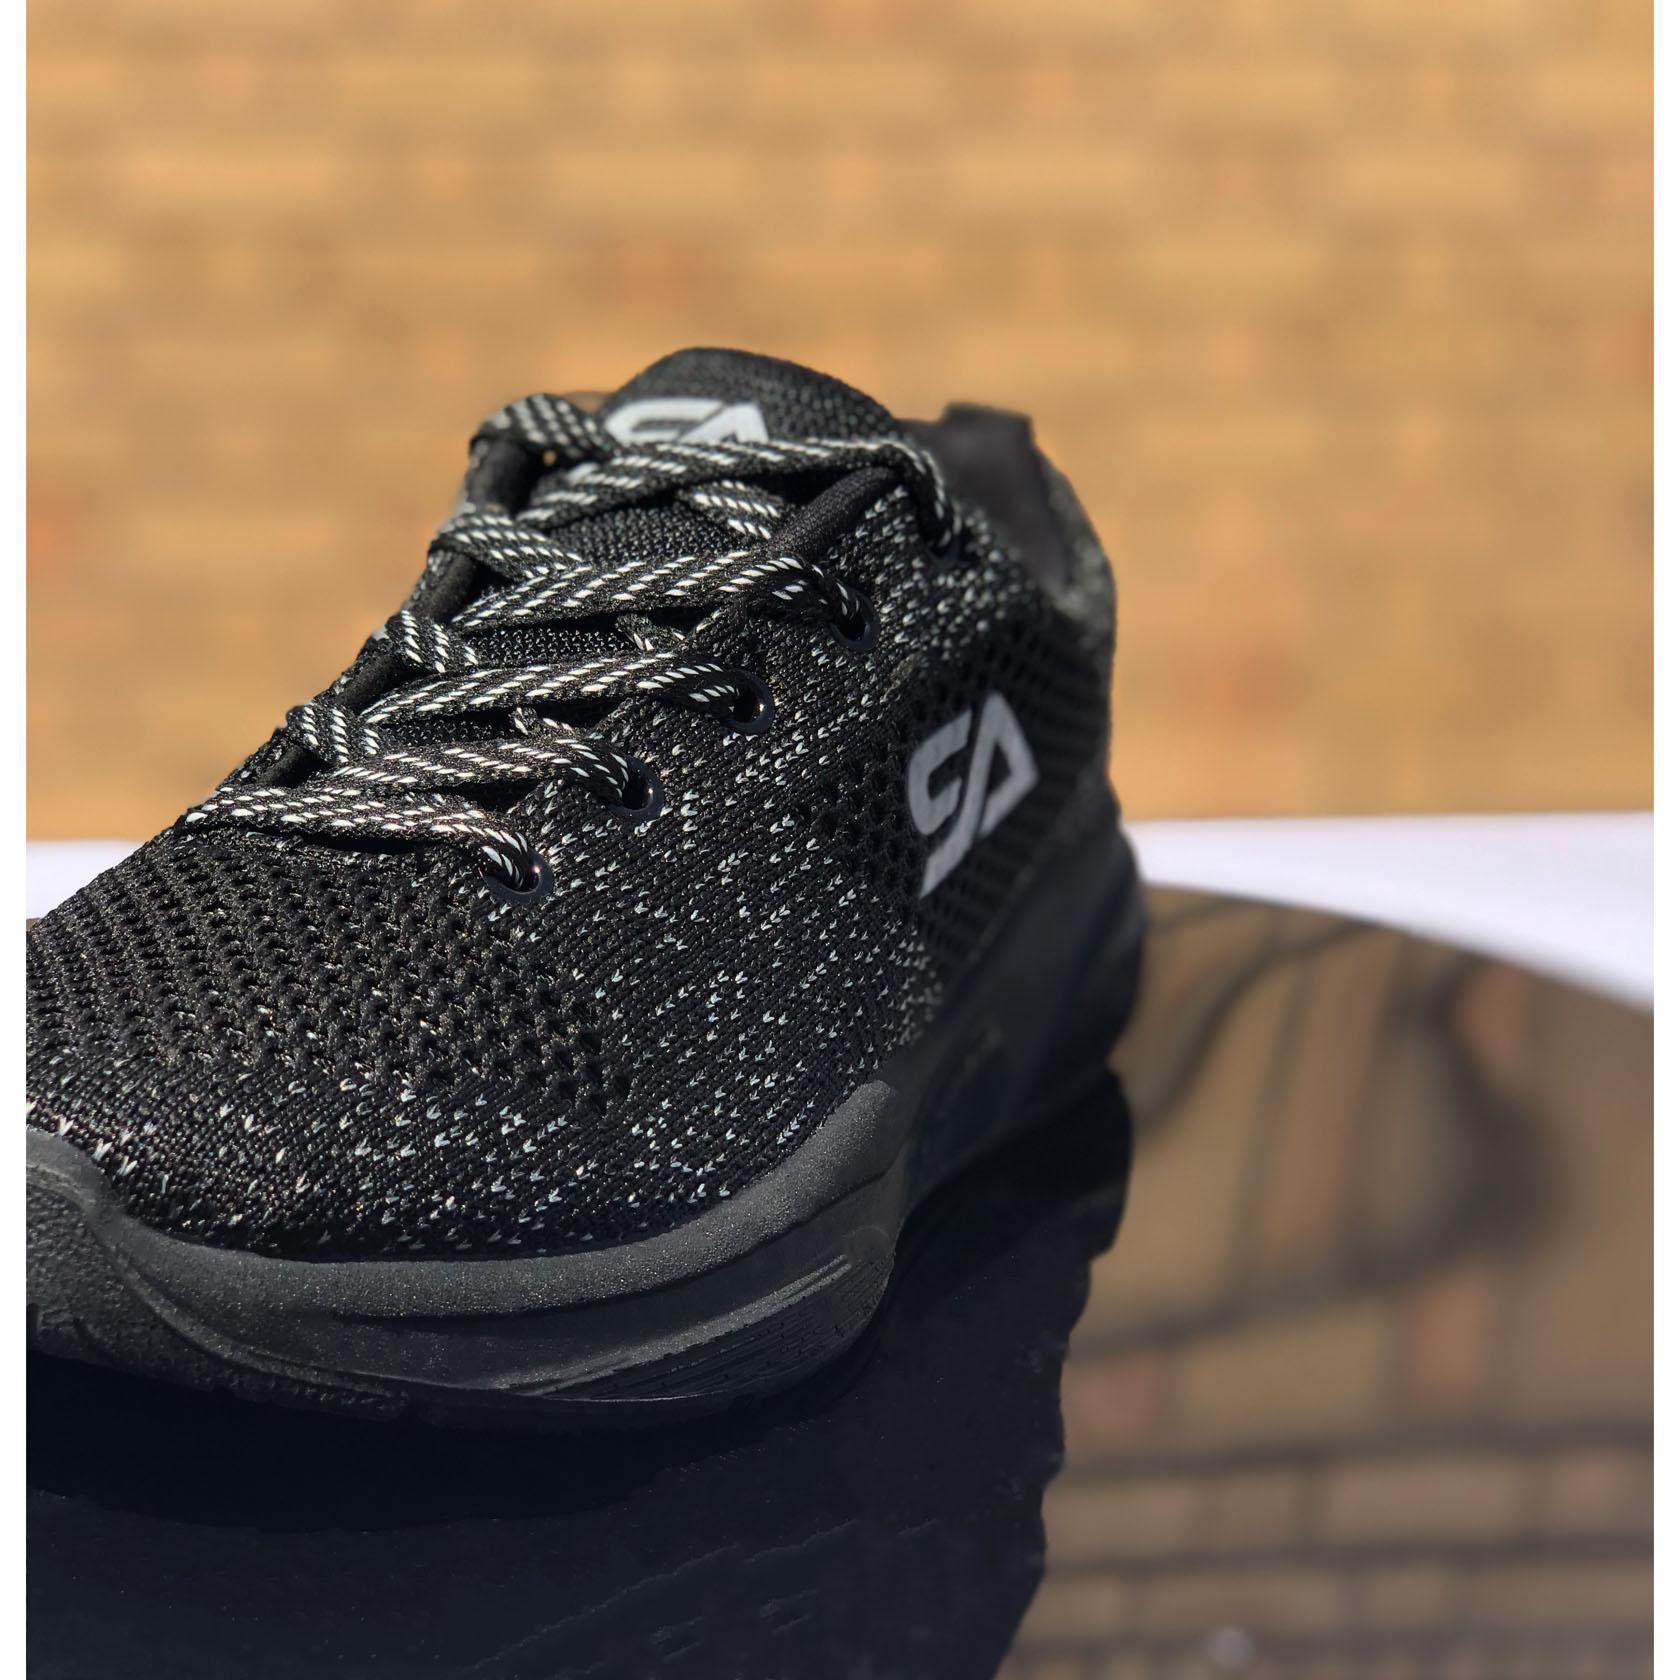 کفش پیاده روی زنانه سعیدی مدل Sa 306 main 1 1